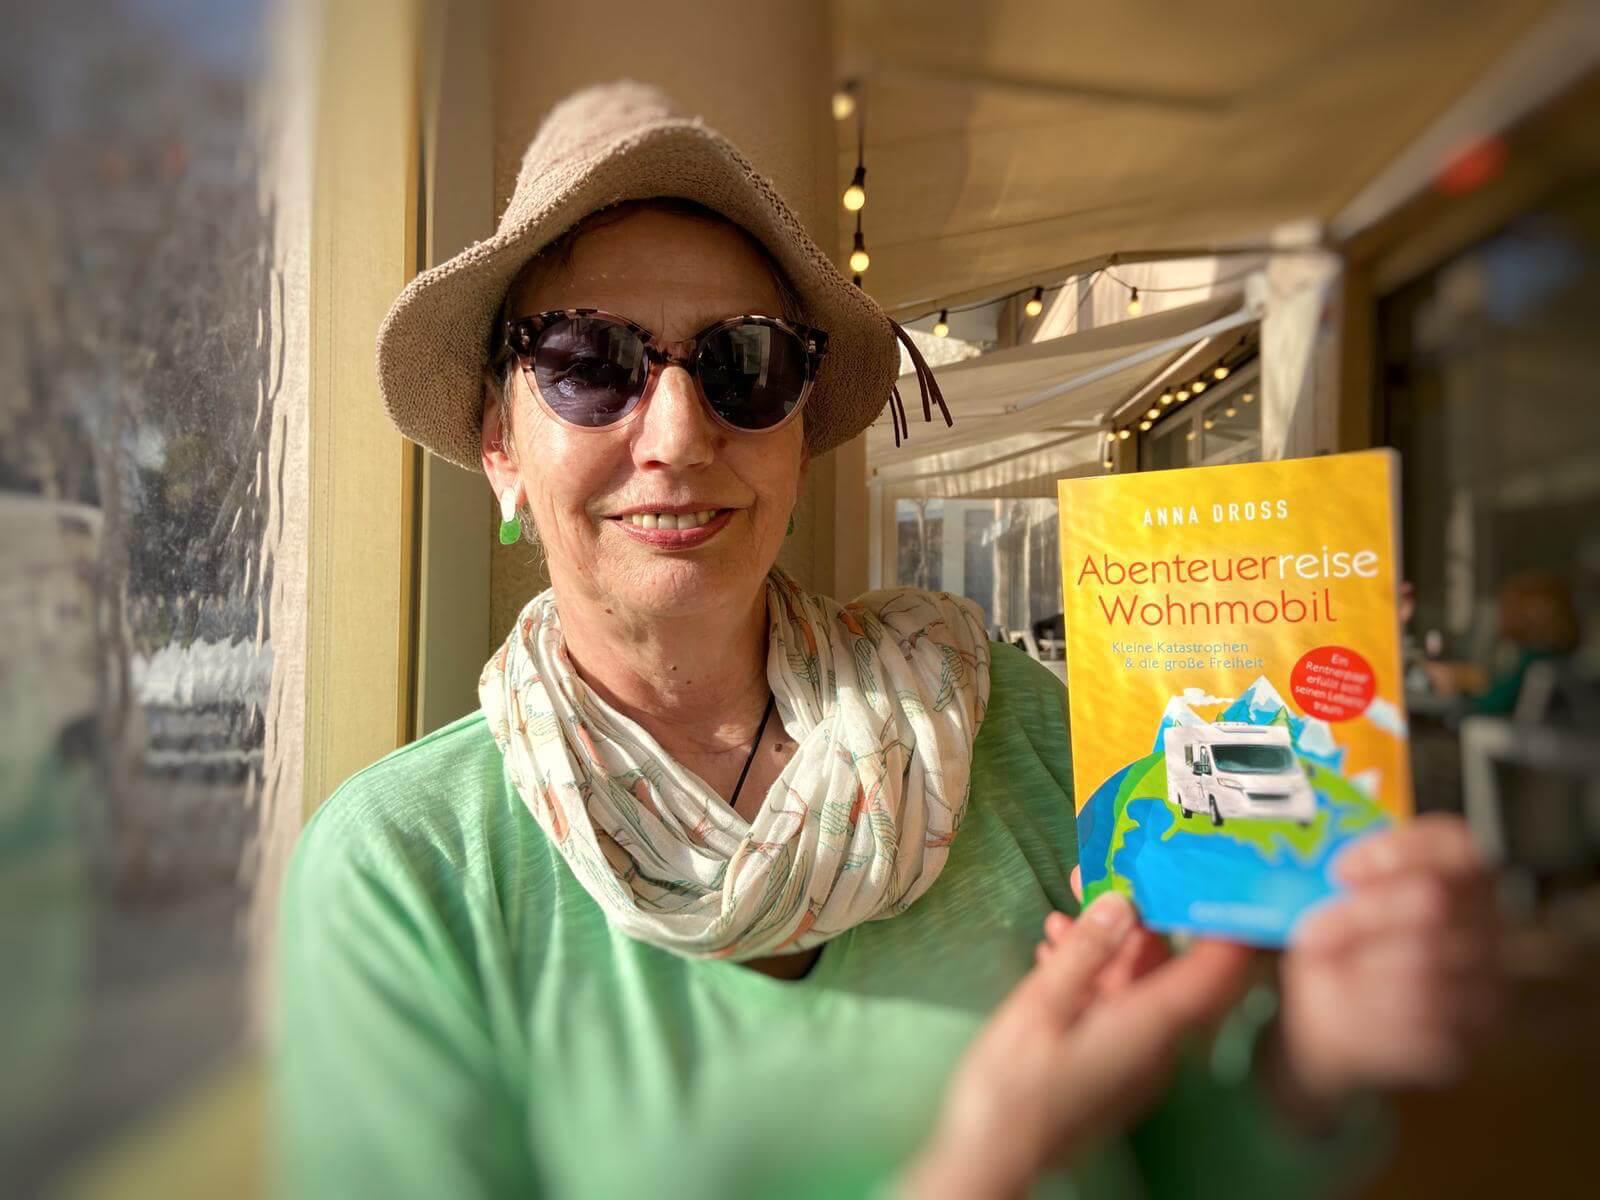 Autorin Anna Dross